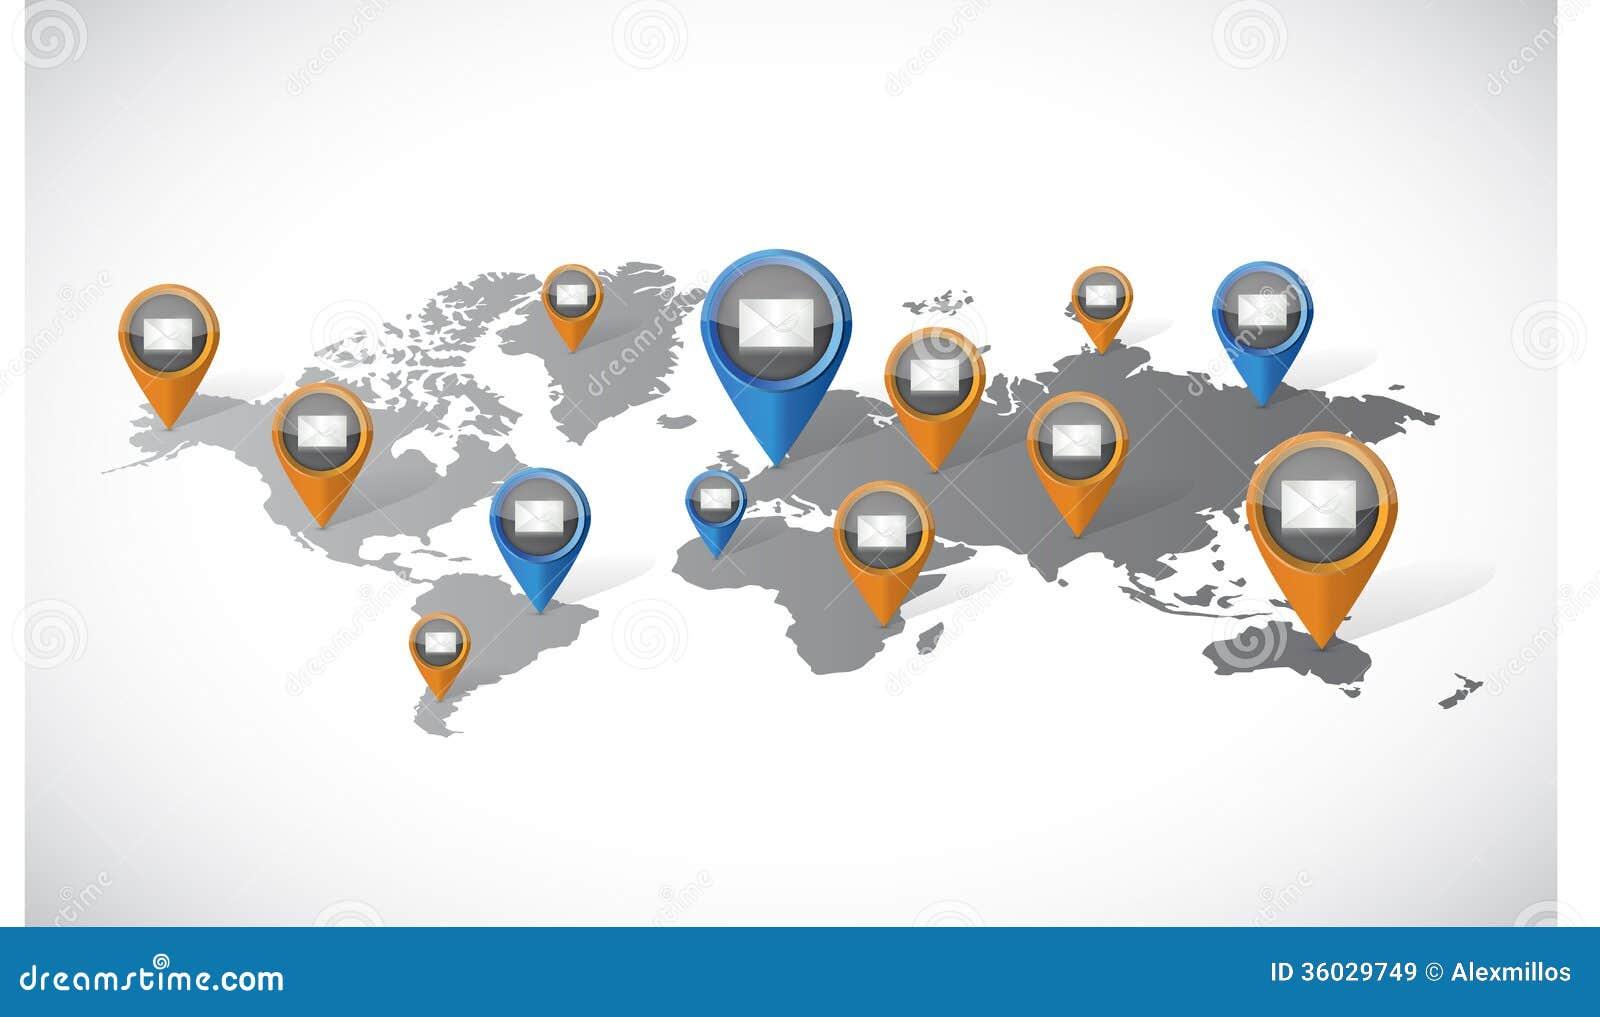 Email marketing communication world map